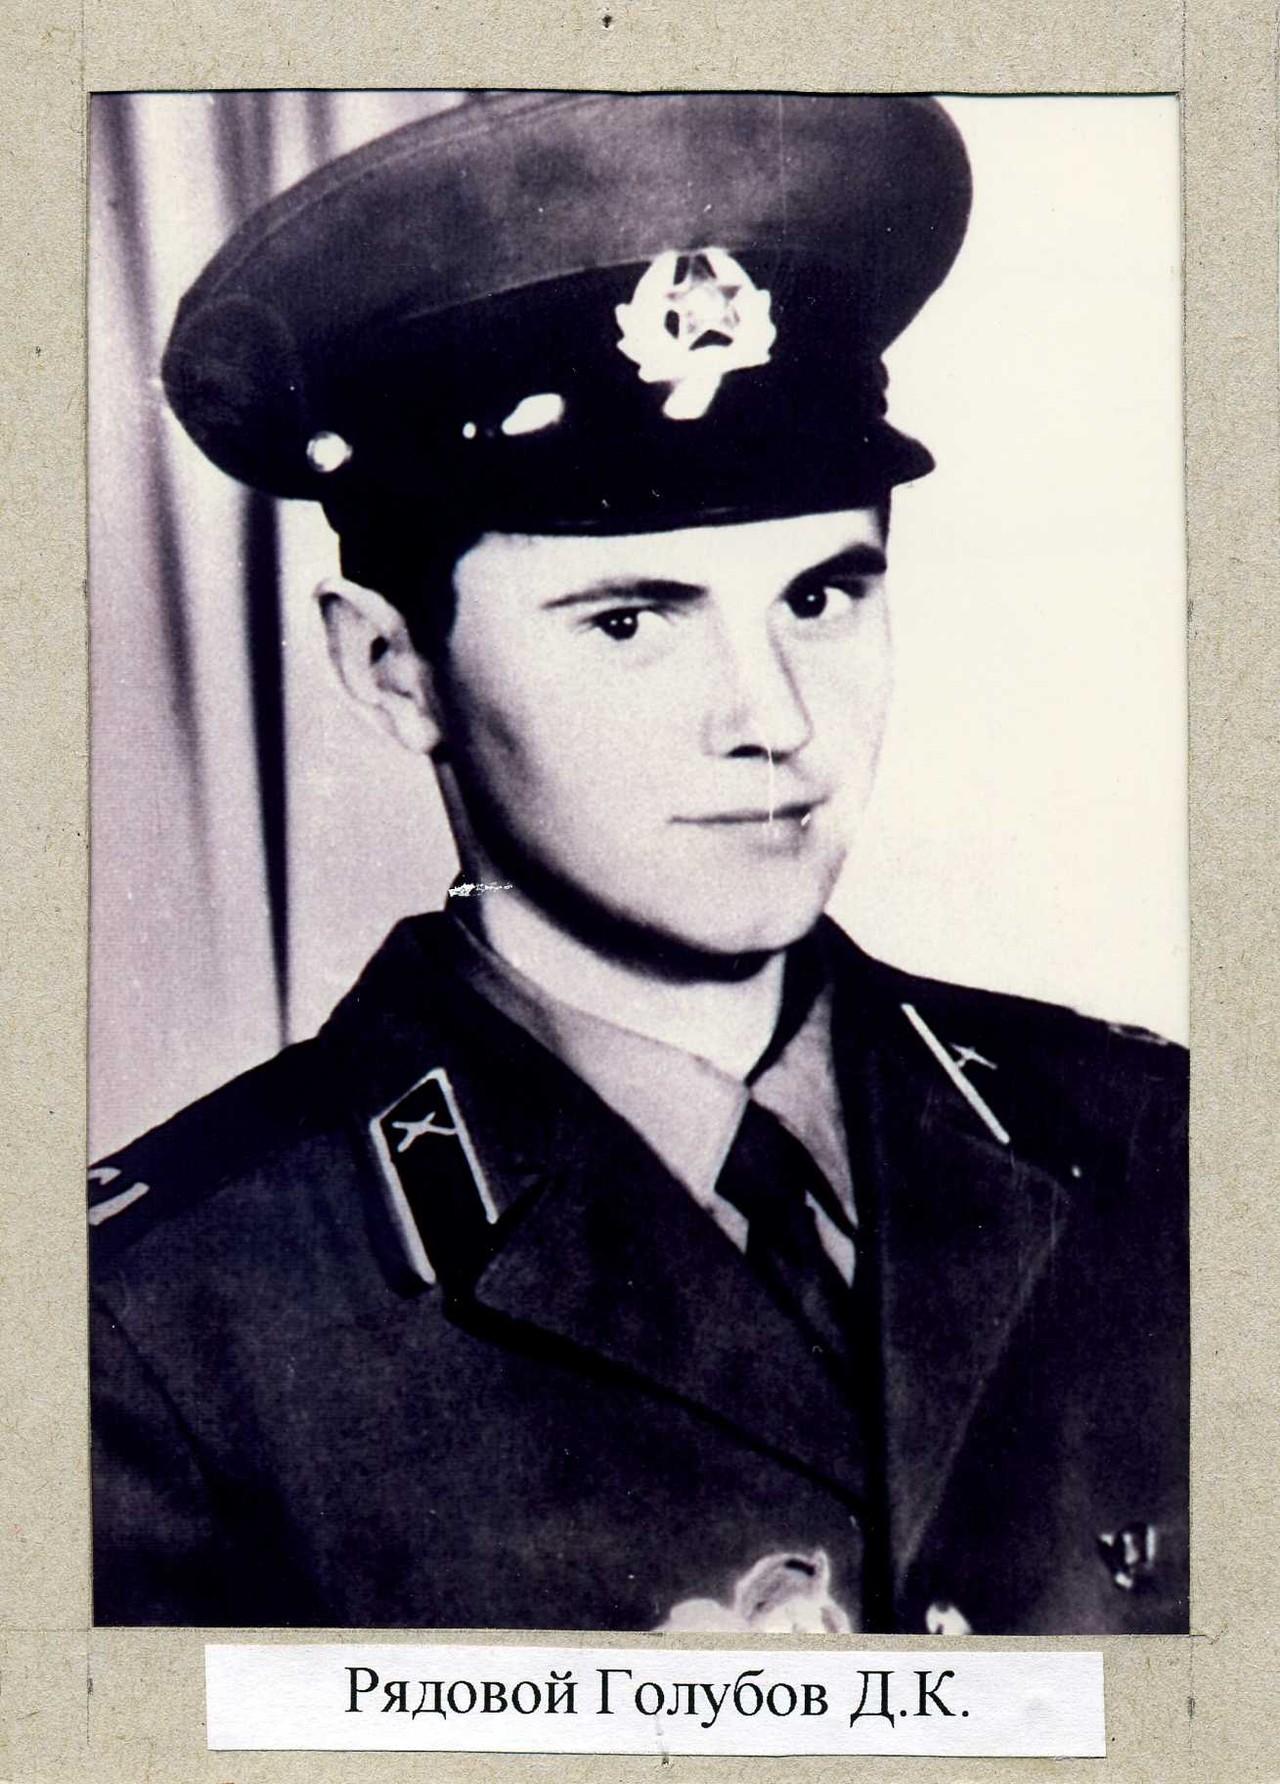 Голубов Дмитрий Константинович